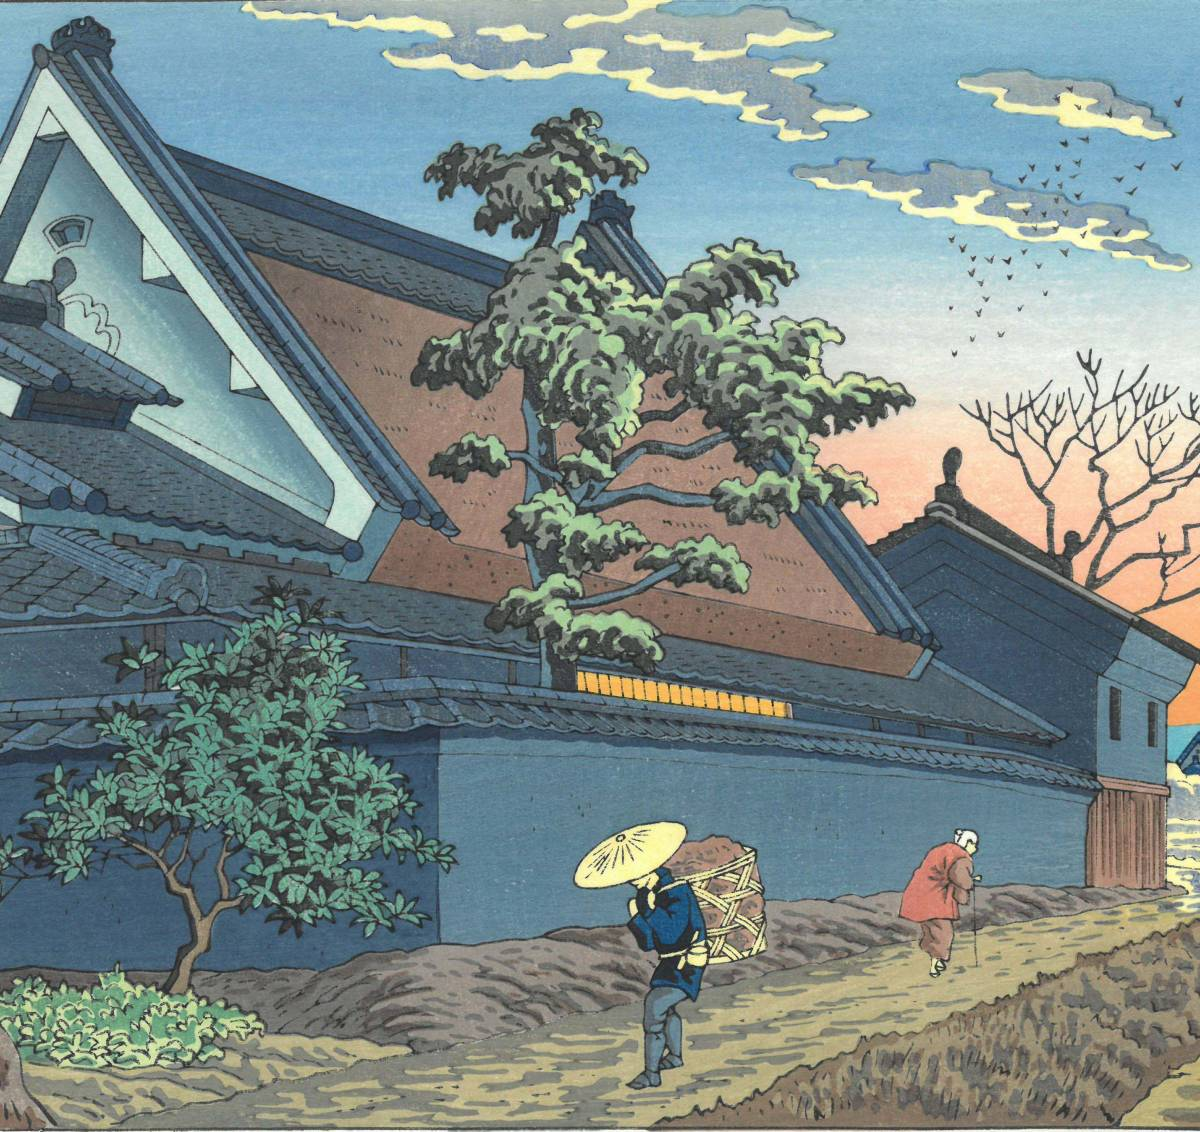 浅野竹二 (Asano Takeji) 木版画 TA20 大和路暮色 新版画 初版昭和20年頃 京都の一流の摺師の技をご堪能下さい!!_画像7